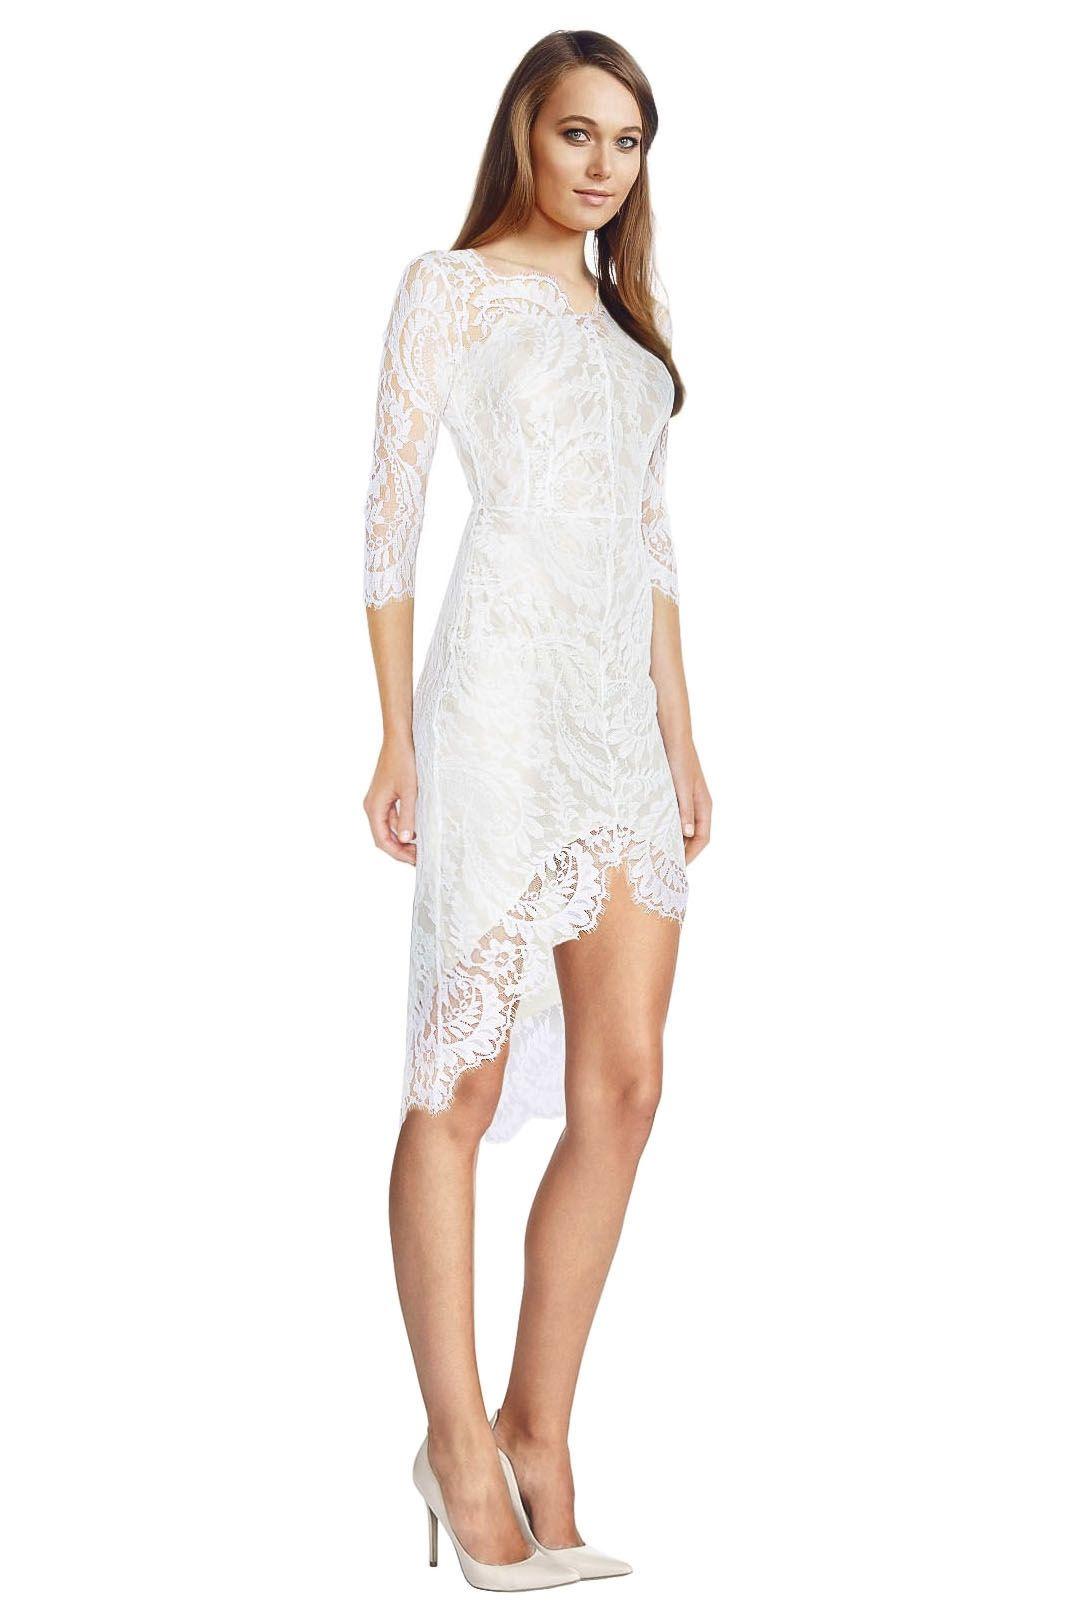 Lover - White Horizon Dress - White - Side